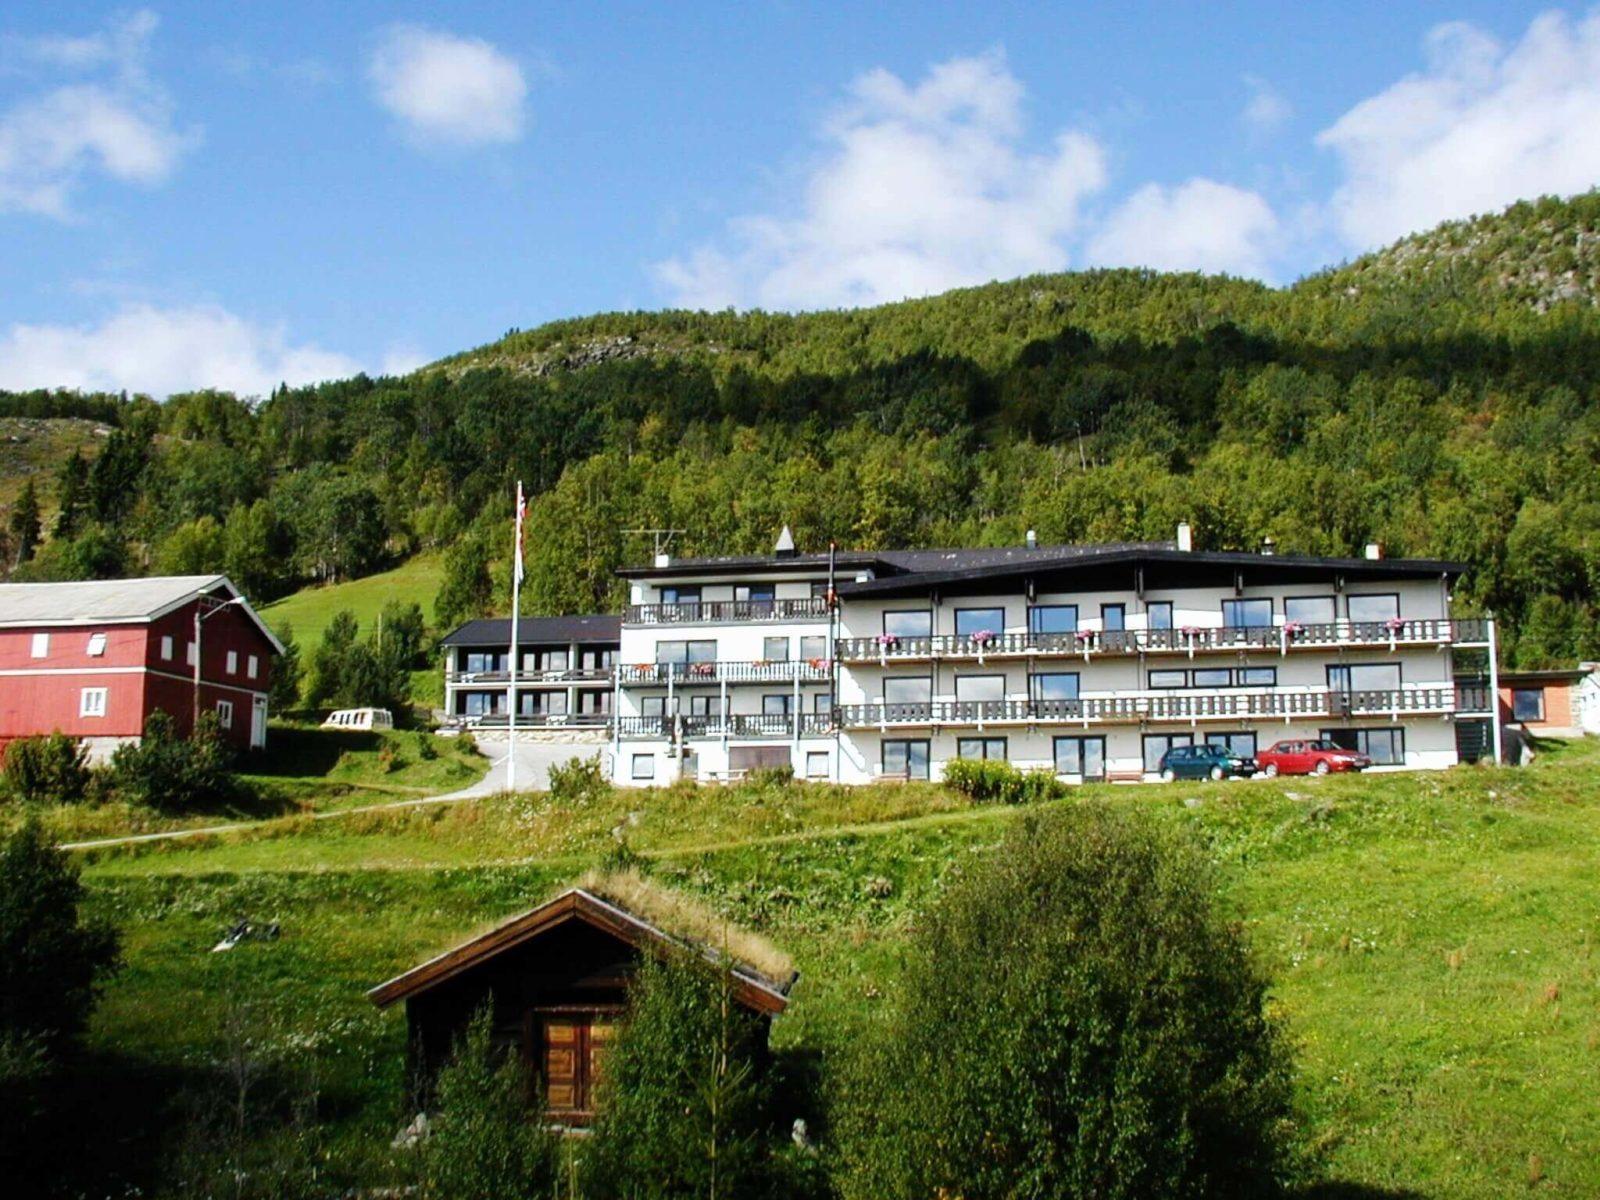 Dagali Hotel vakantie Noorwegen Norske